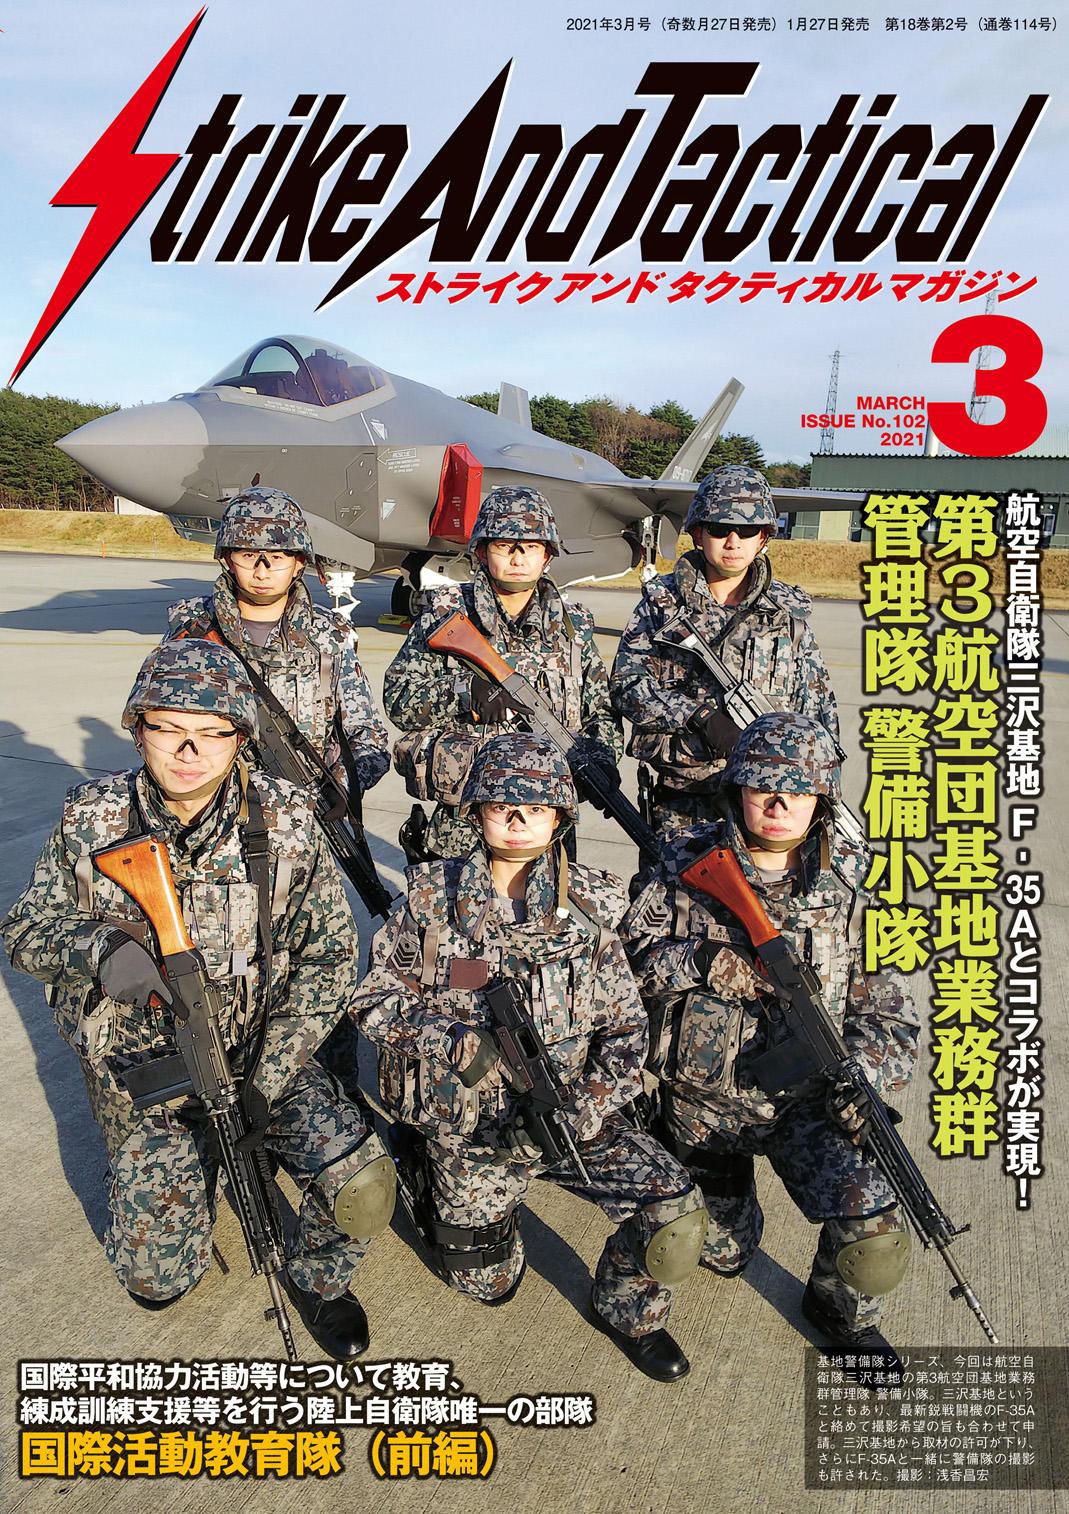 航空自衛隊三沢基地 第3航空団基地業務群管理隊 警備小隊